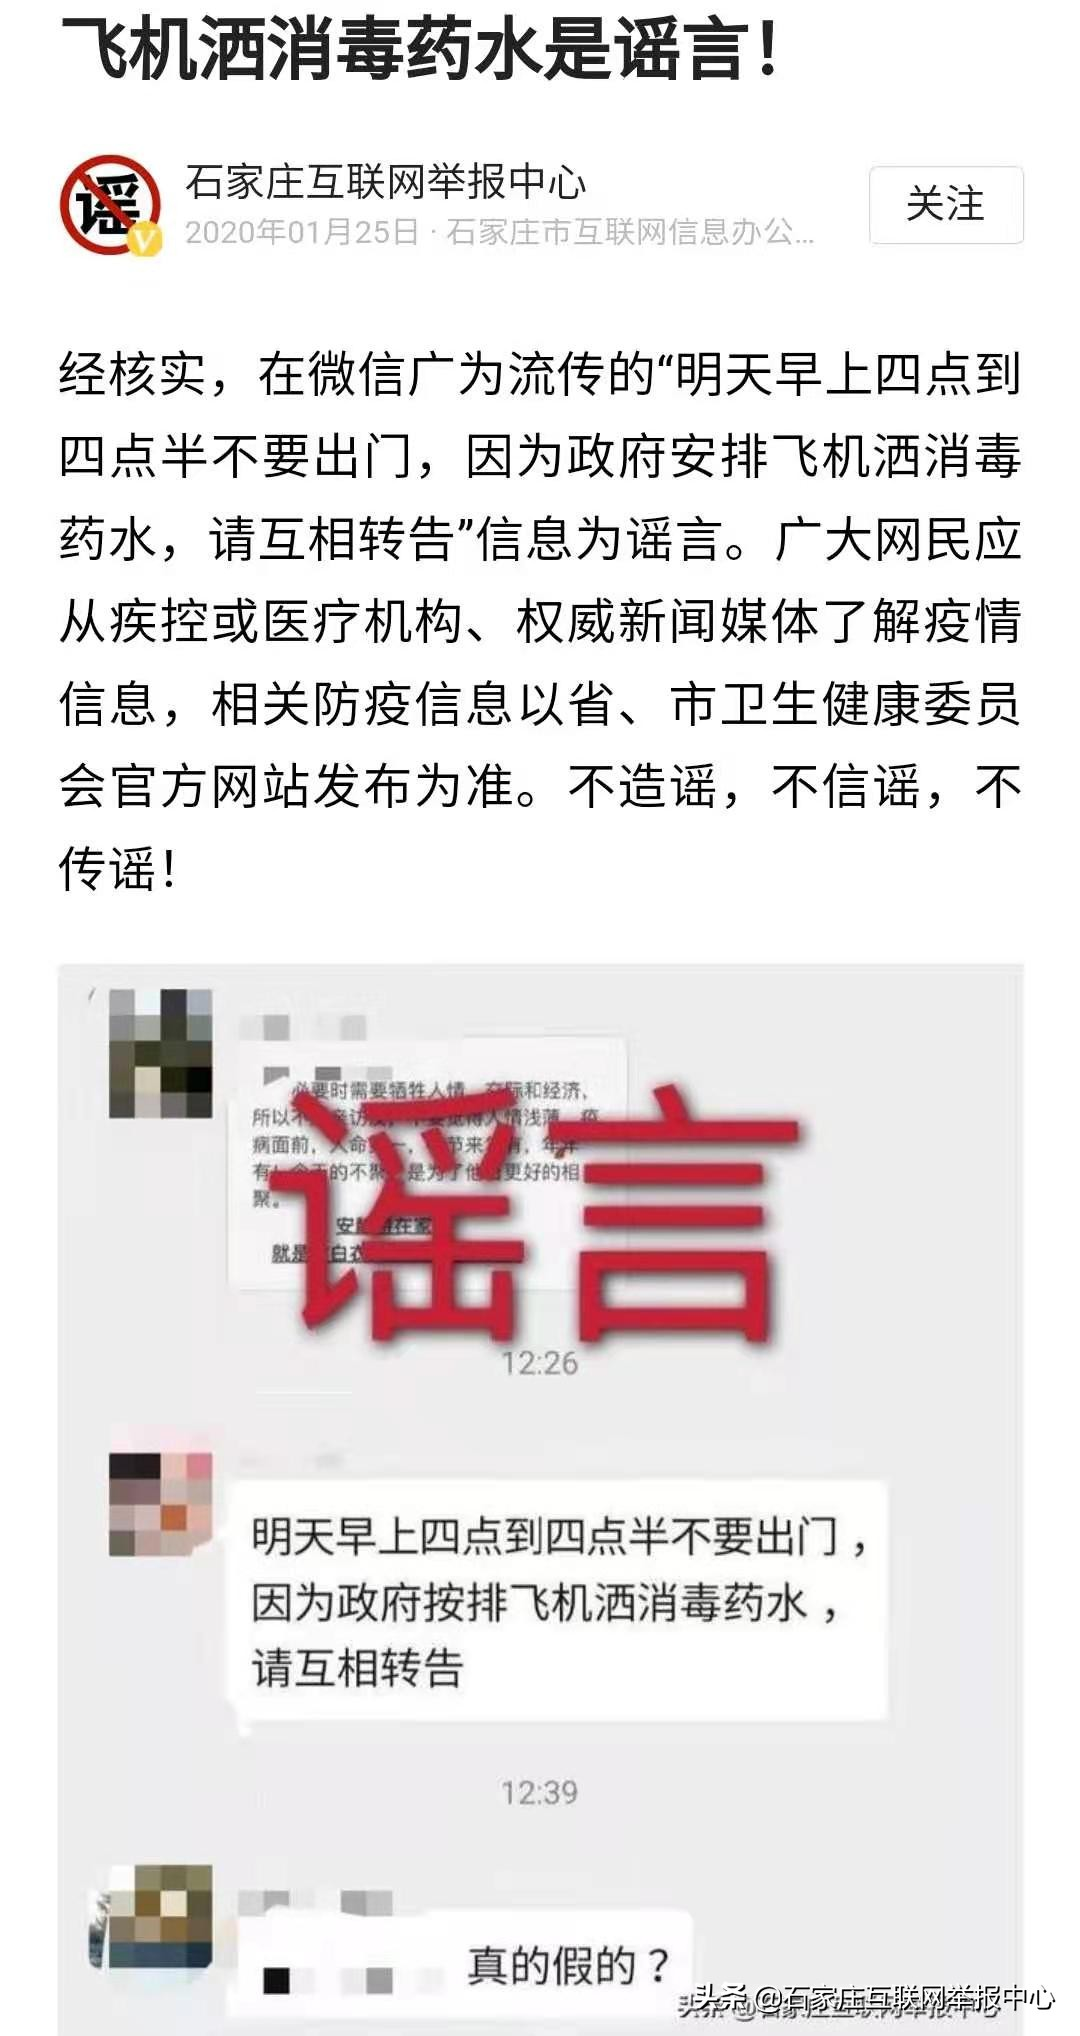 """網傳""""石家莊周邊將用大炮打藥消毒""""?謠言!別信!"""